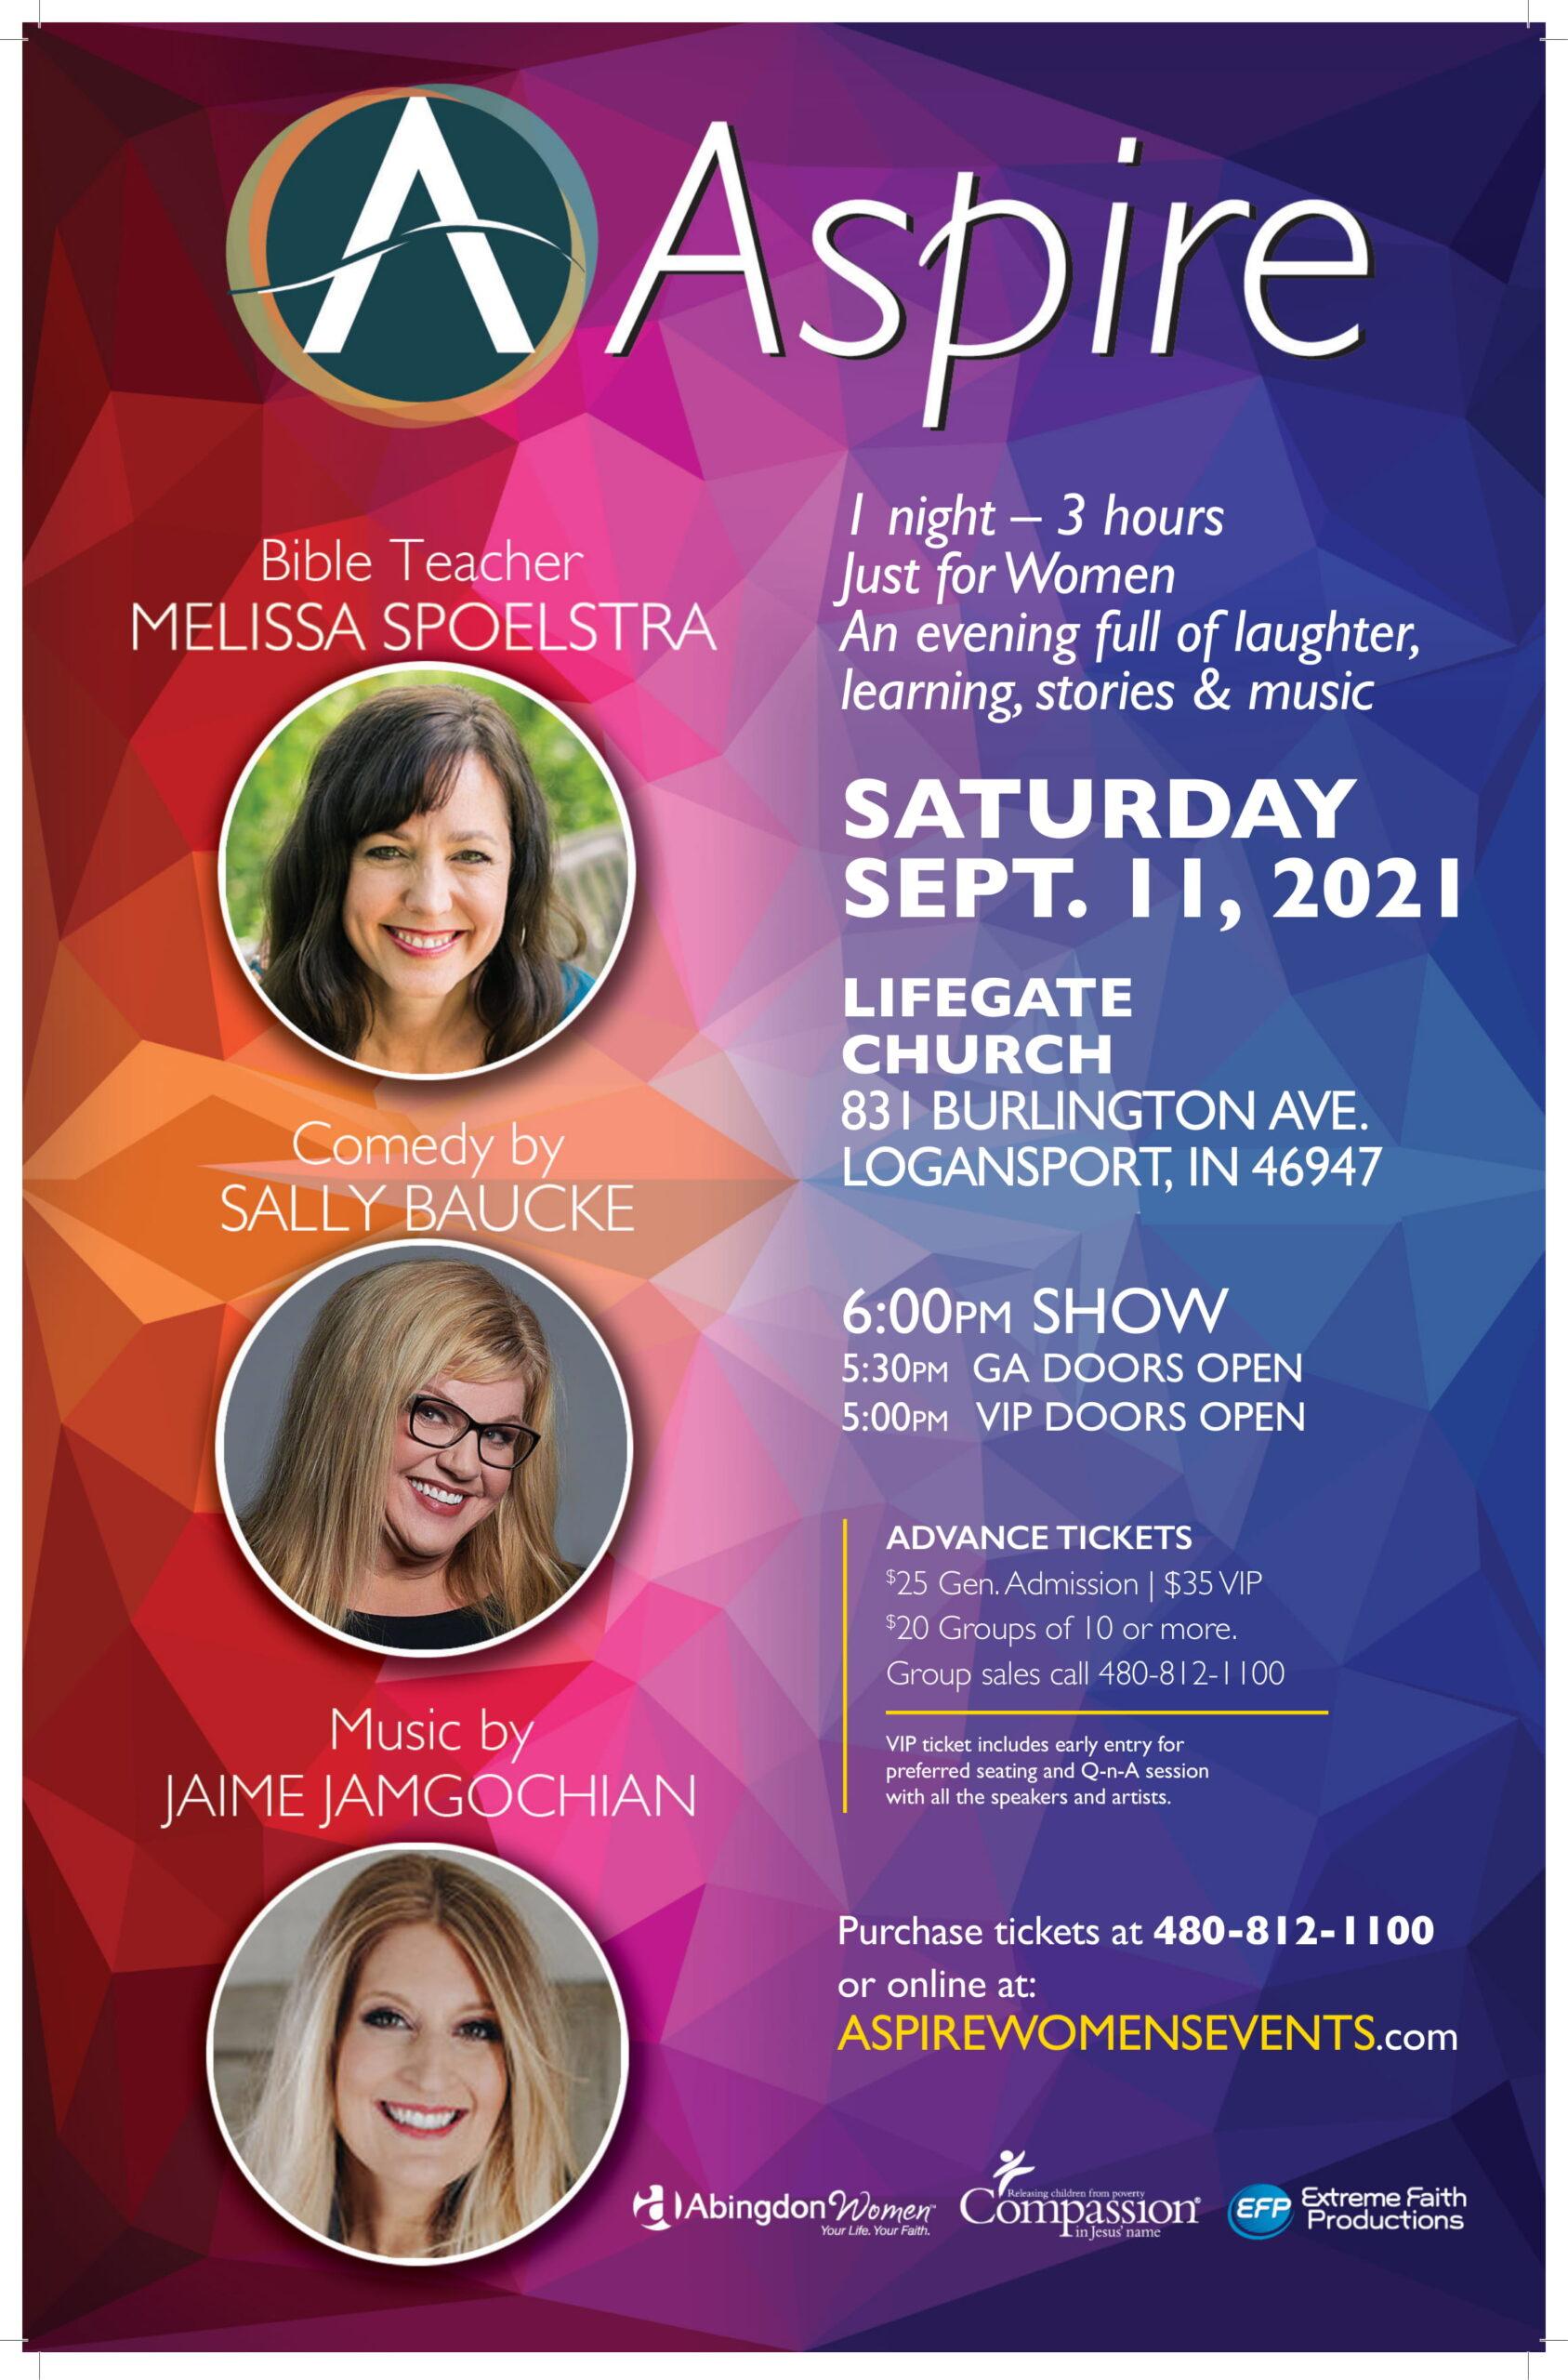 ASPIRE FRI Sept 11 Logansport Poster